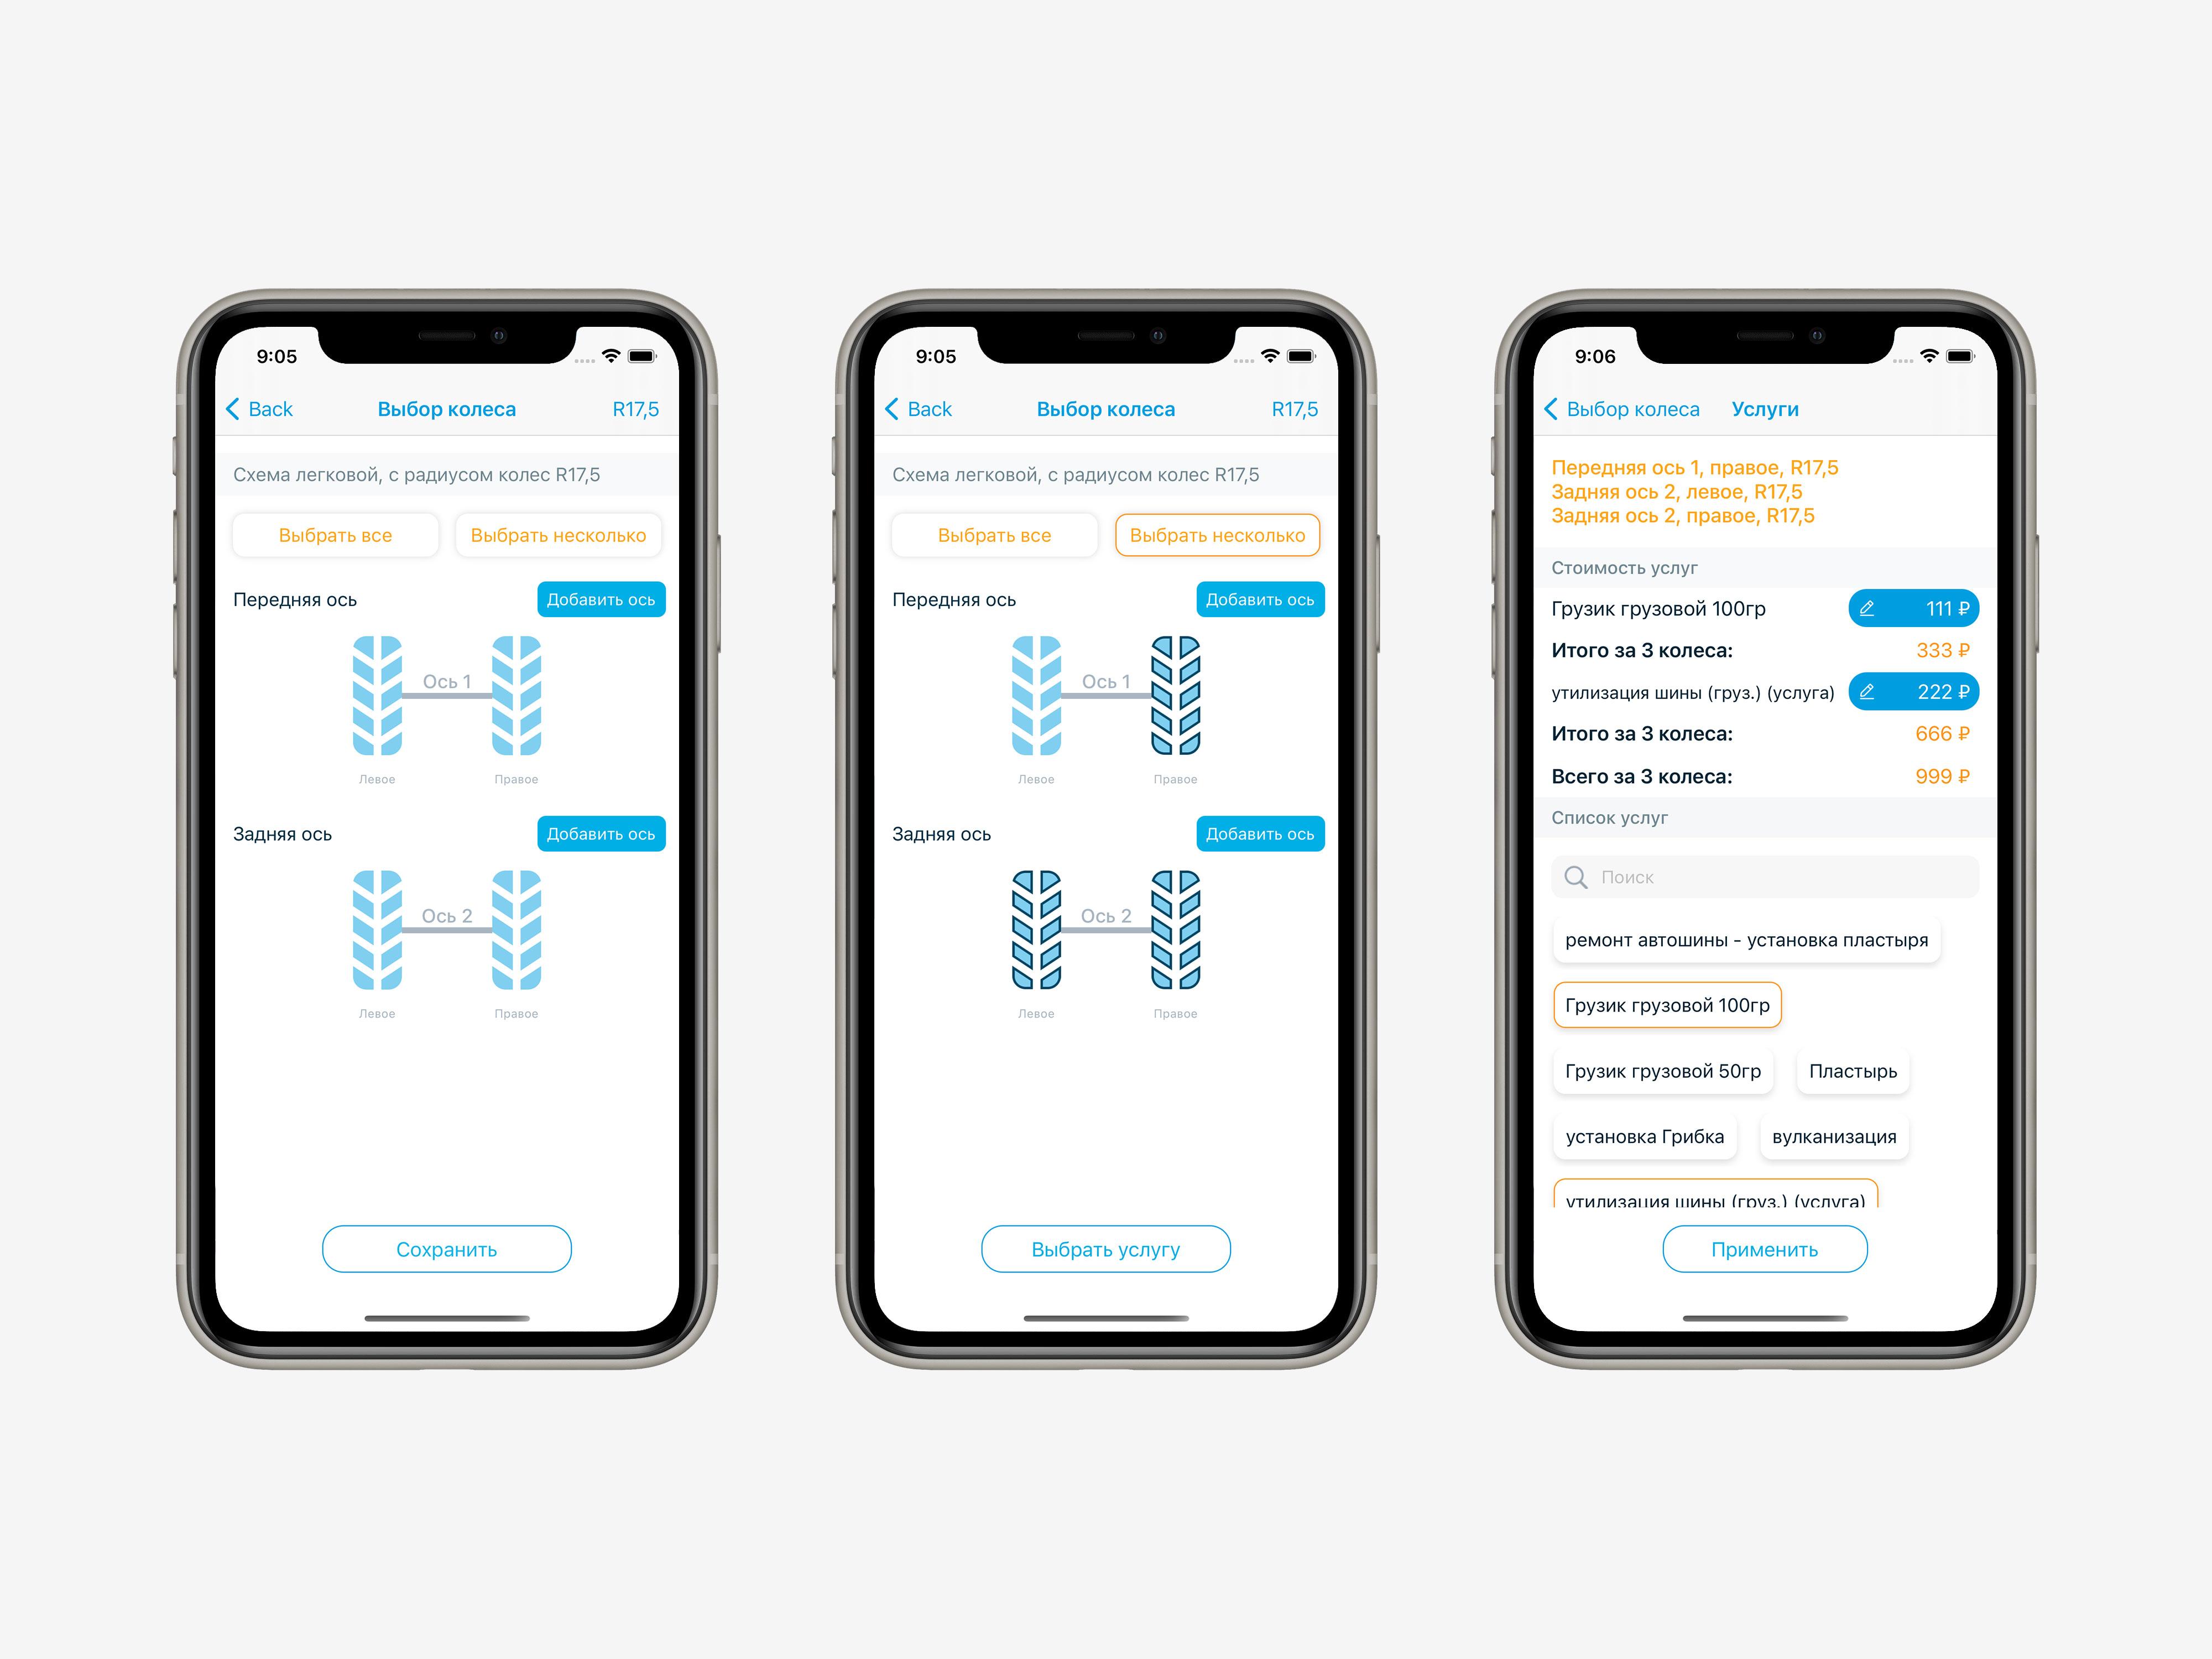 Выбор услуг для нескольких колес в iOS приложении